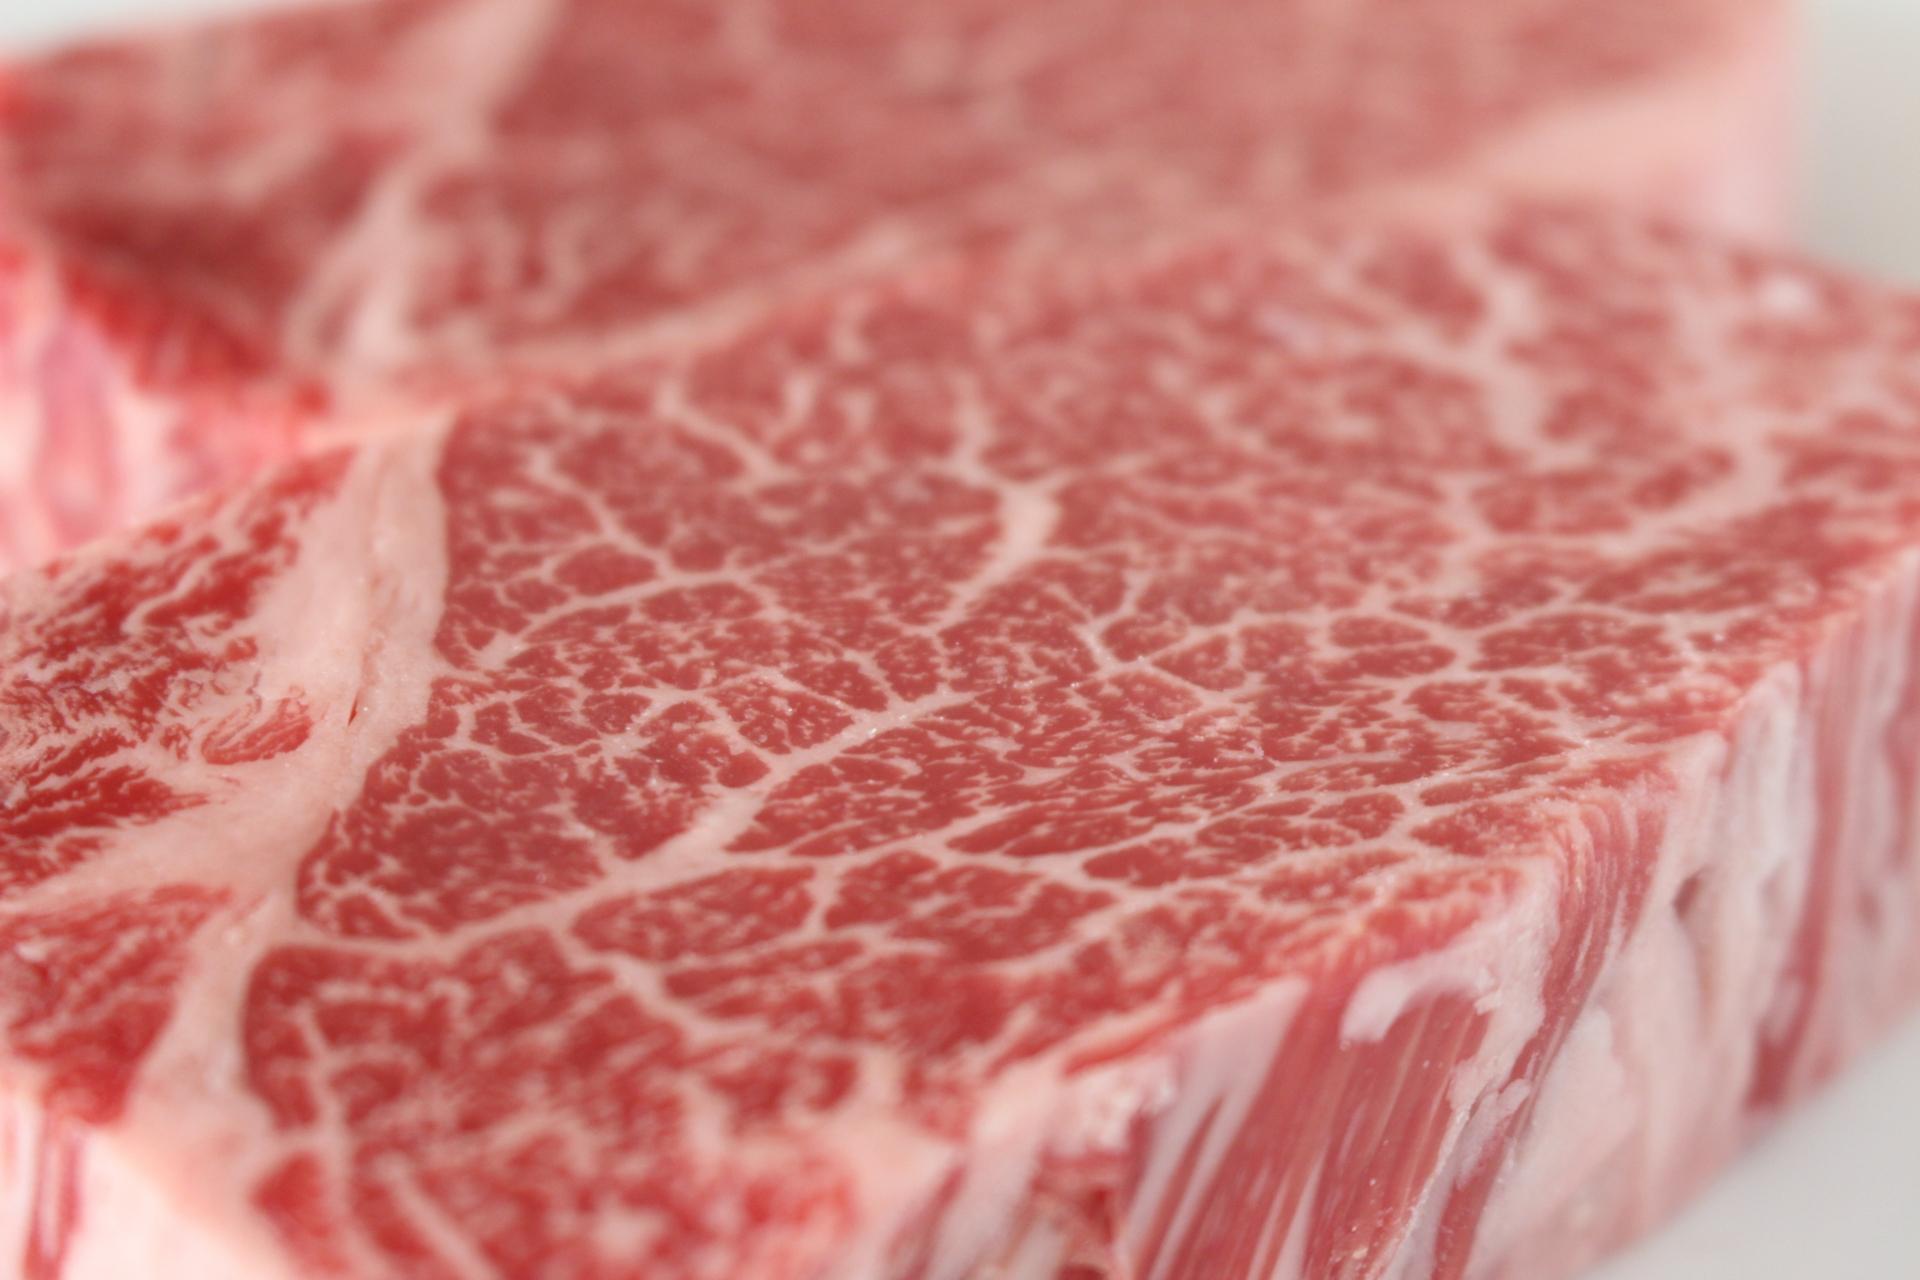 霜降り肉と赤身肉の違いとは?